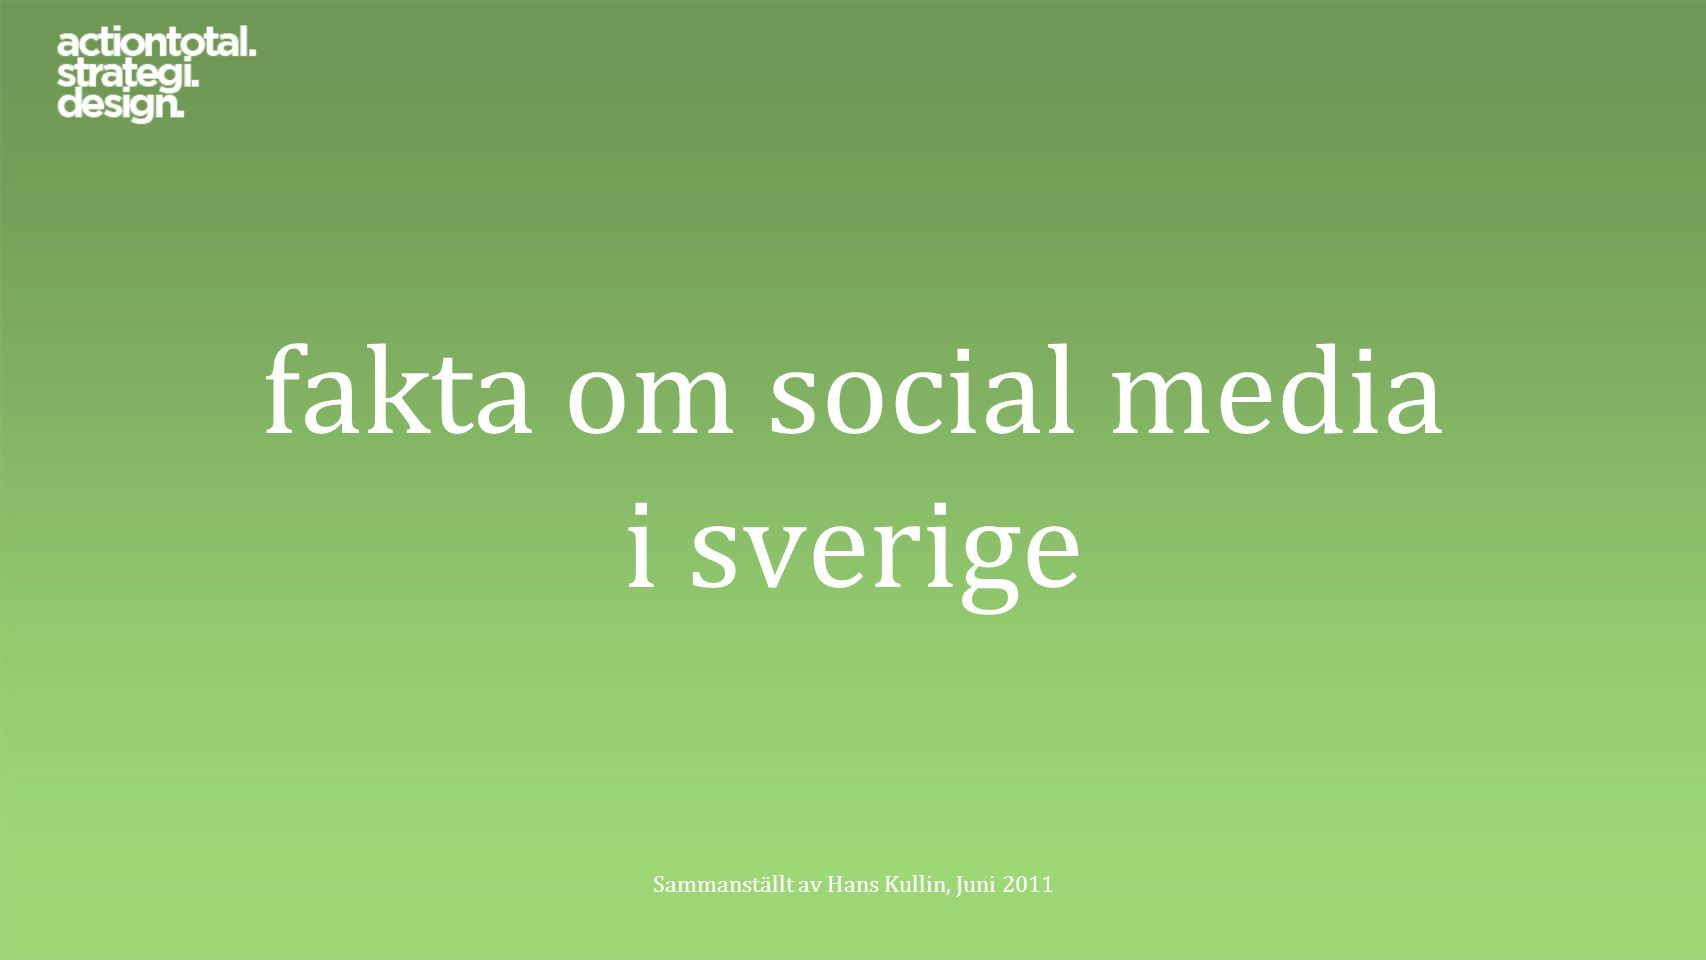 93% av svenska flickor mellan 12 och 15 år läser bloggar. WII, 2011